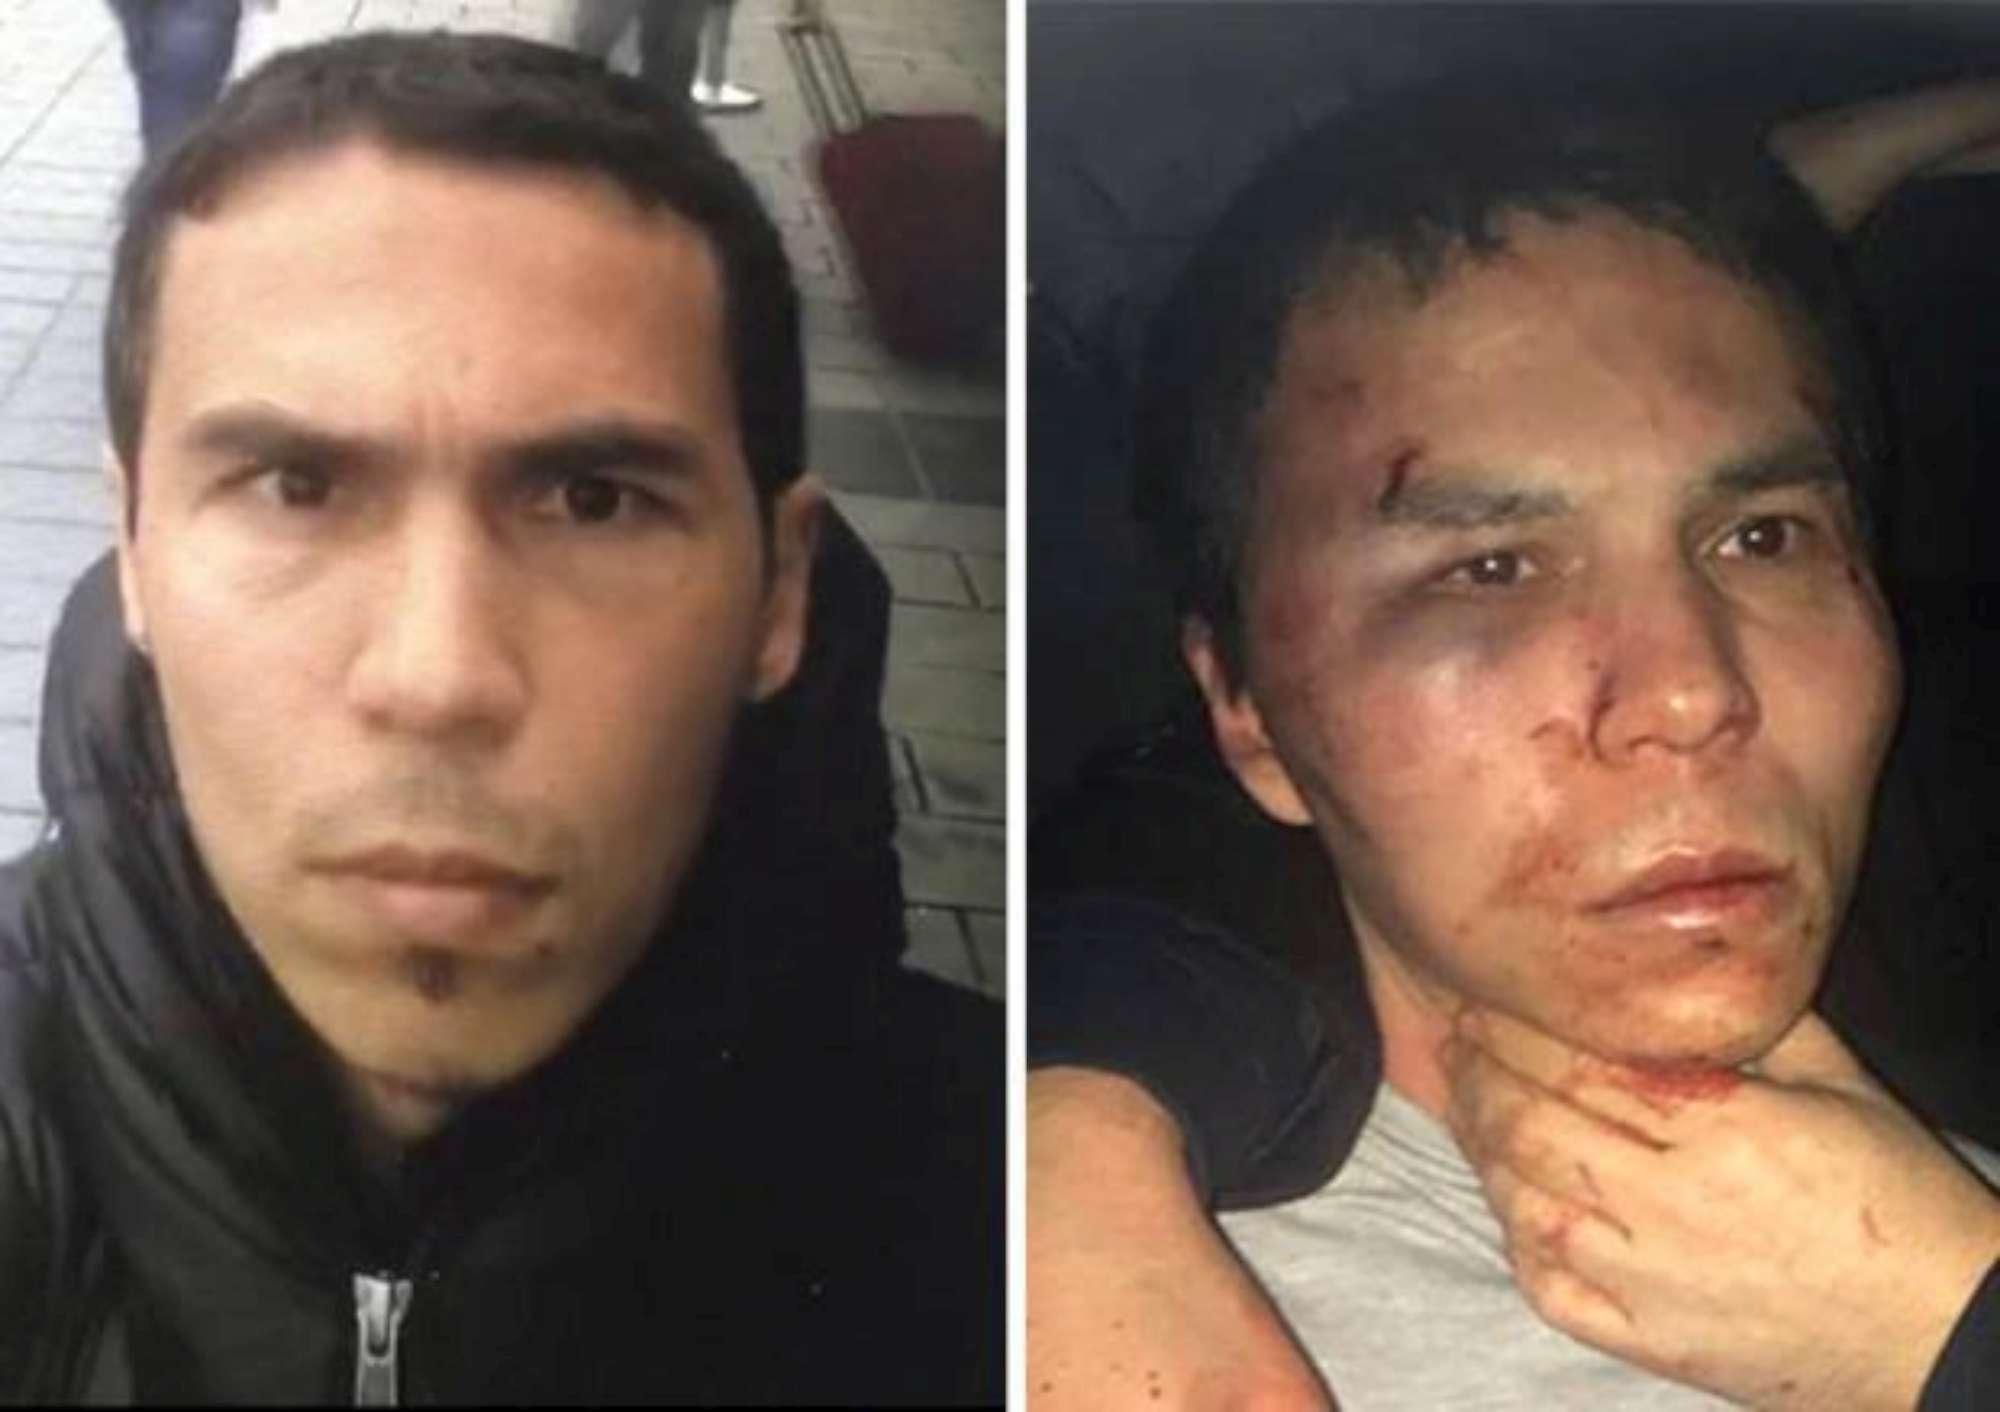 <H1>90 - Istanbul, arrestato il killer della strage di Capodanno in discoteca (clicca su questa foto e le altre successive per leggere le notizie)</H1>